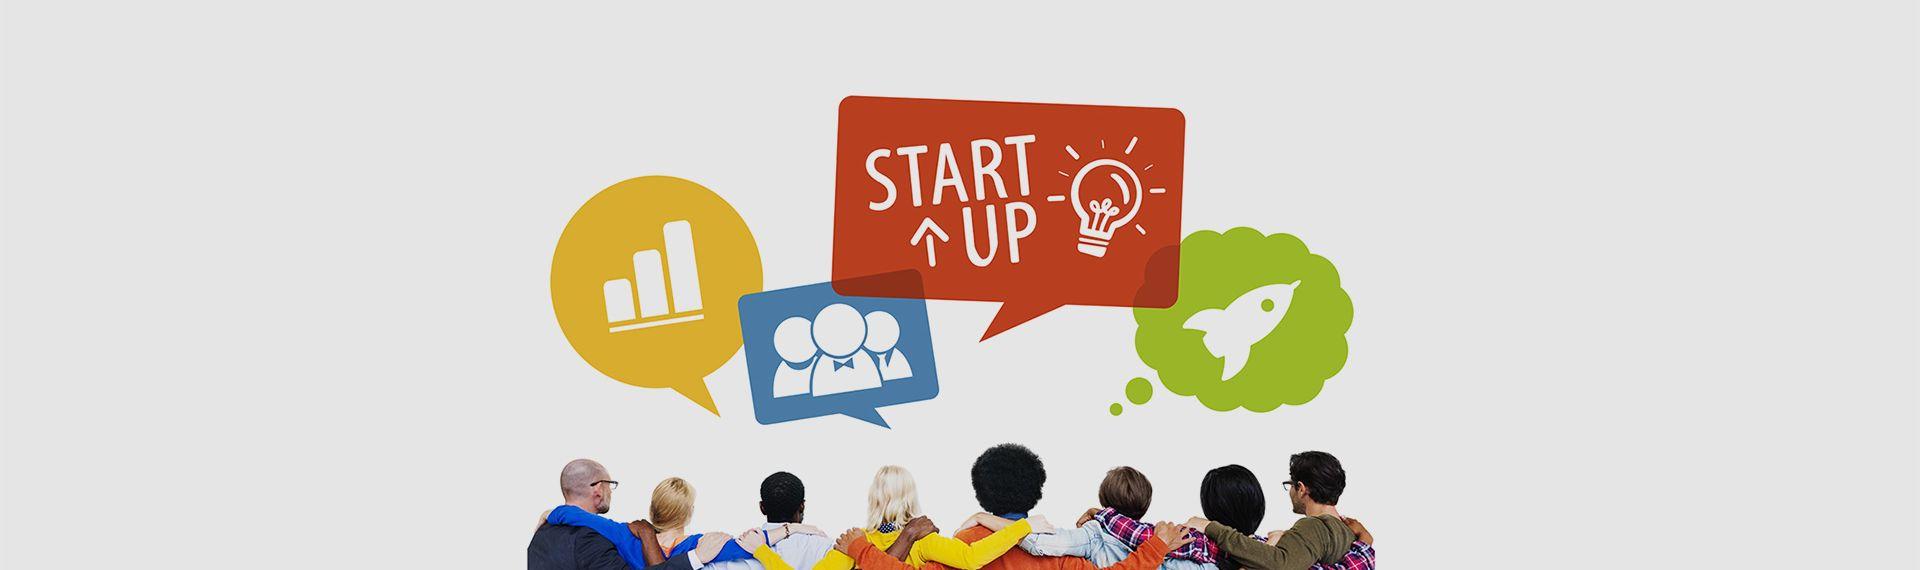 Kanzlei-Startup